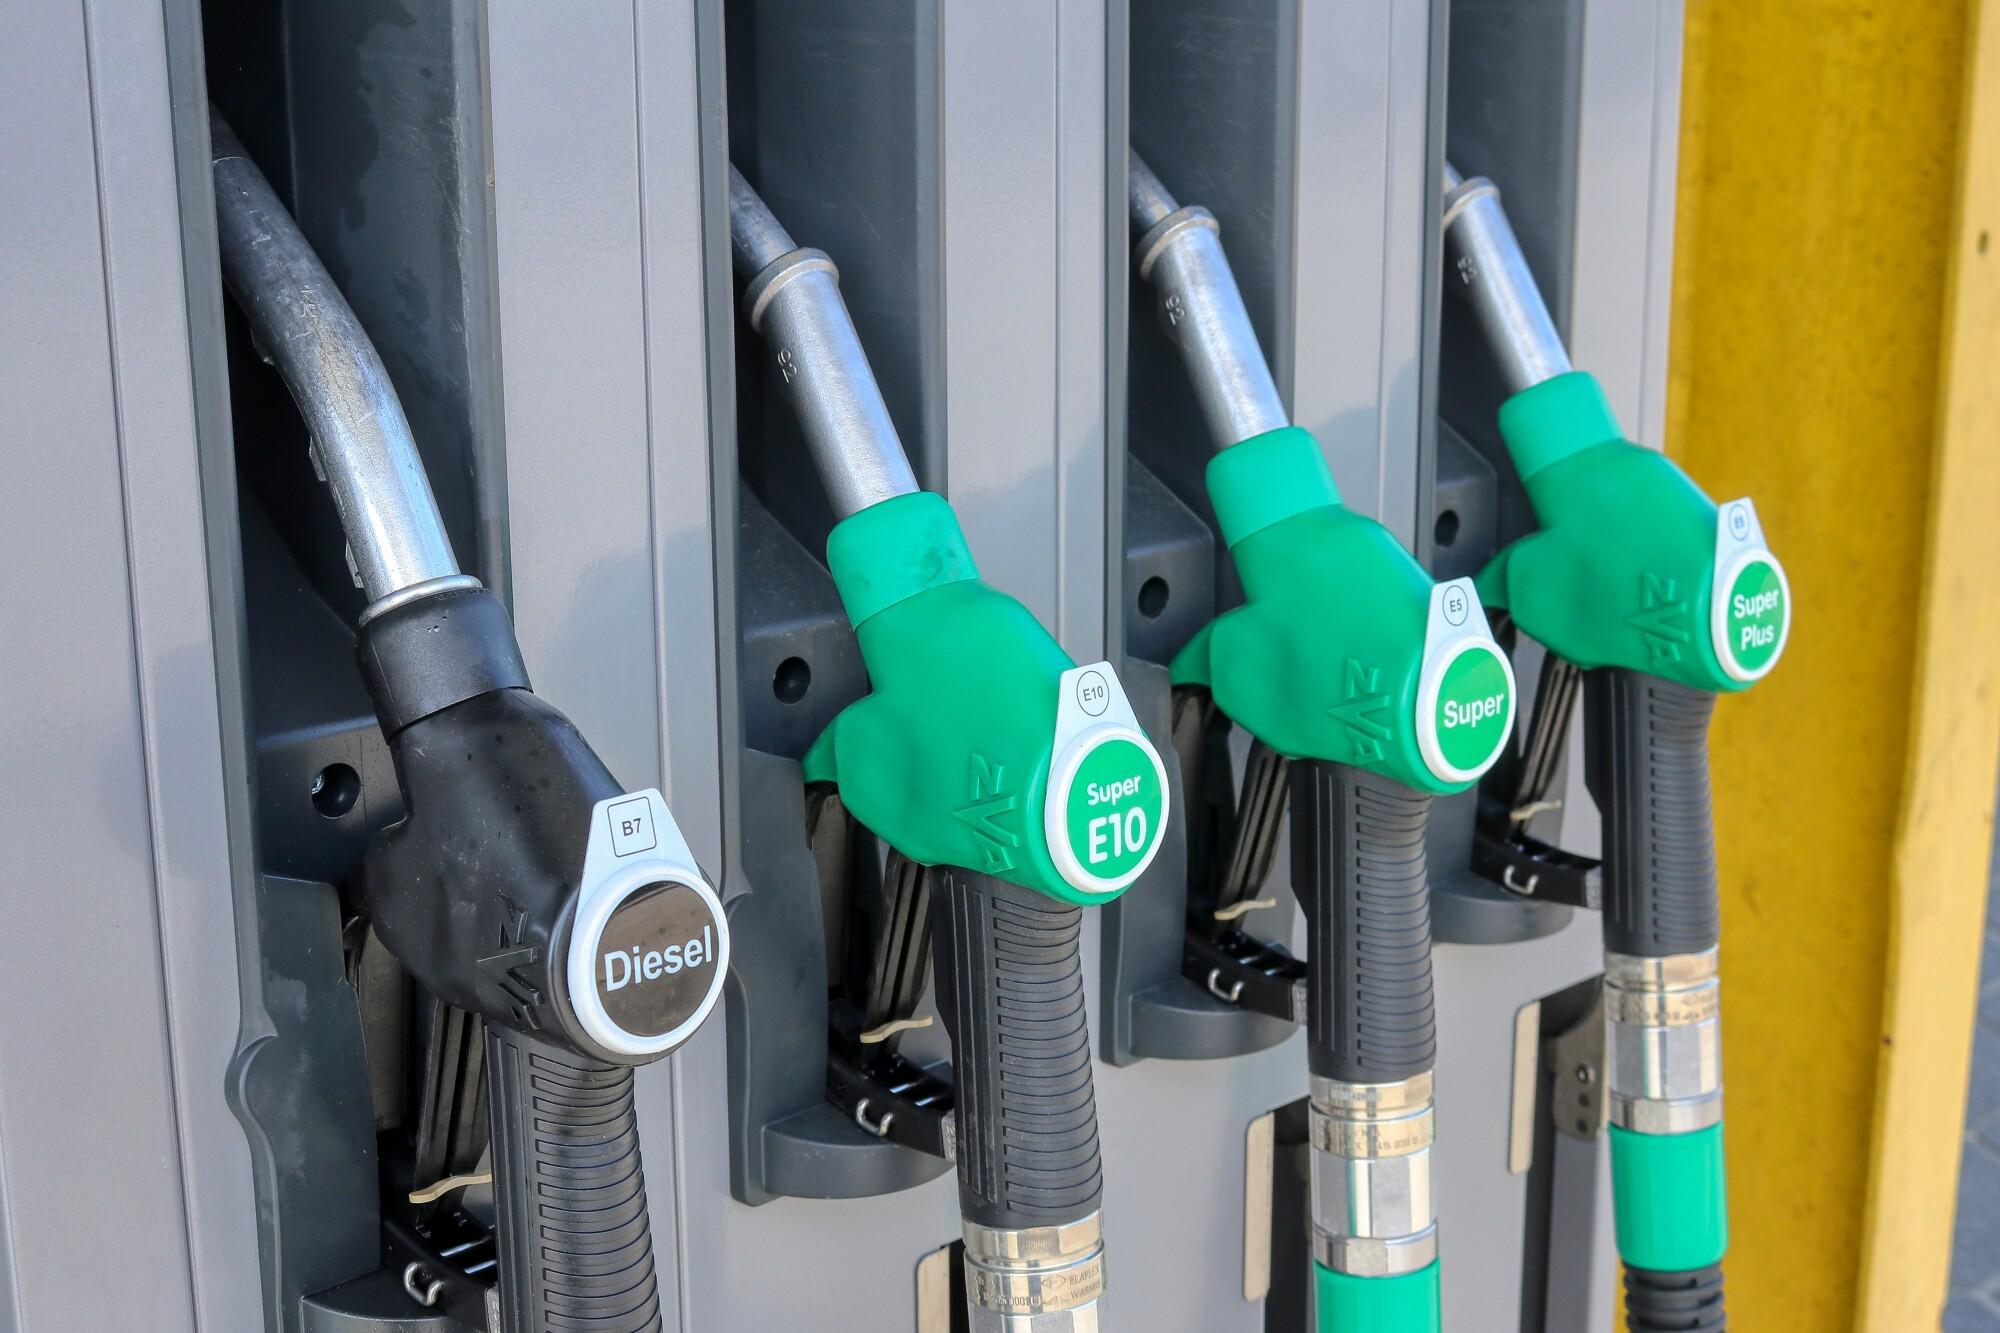 Diesel Fuel Prices